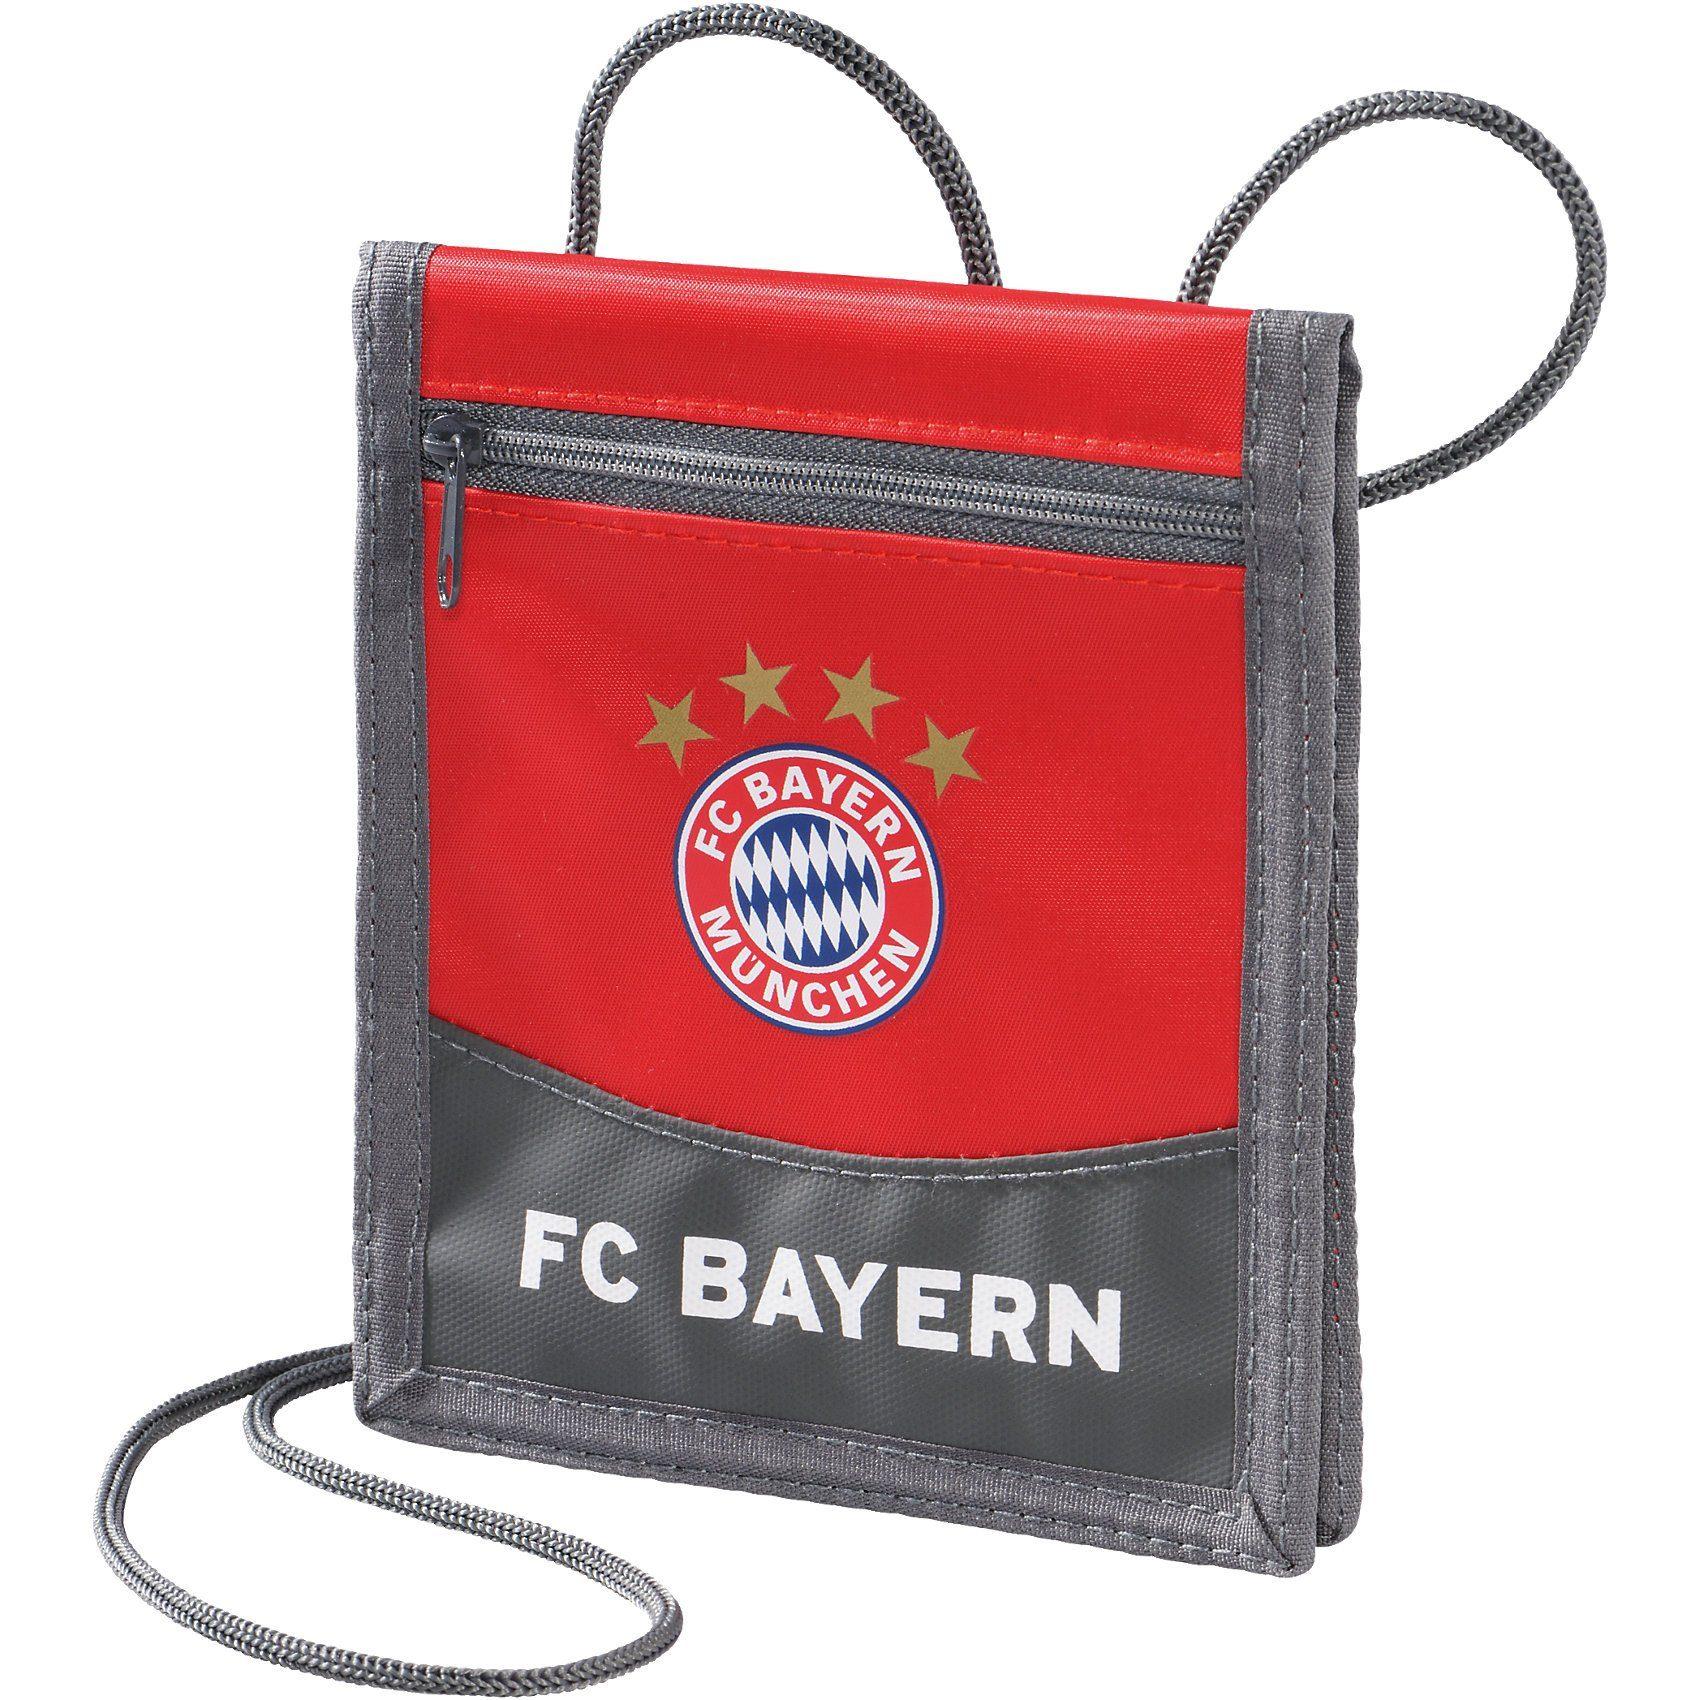 Brustbeutel FC Bayern rot